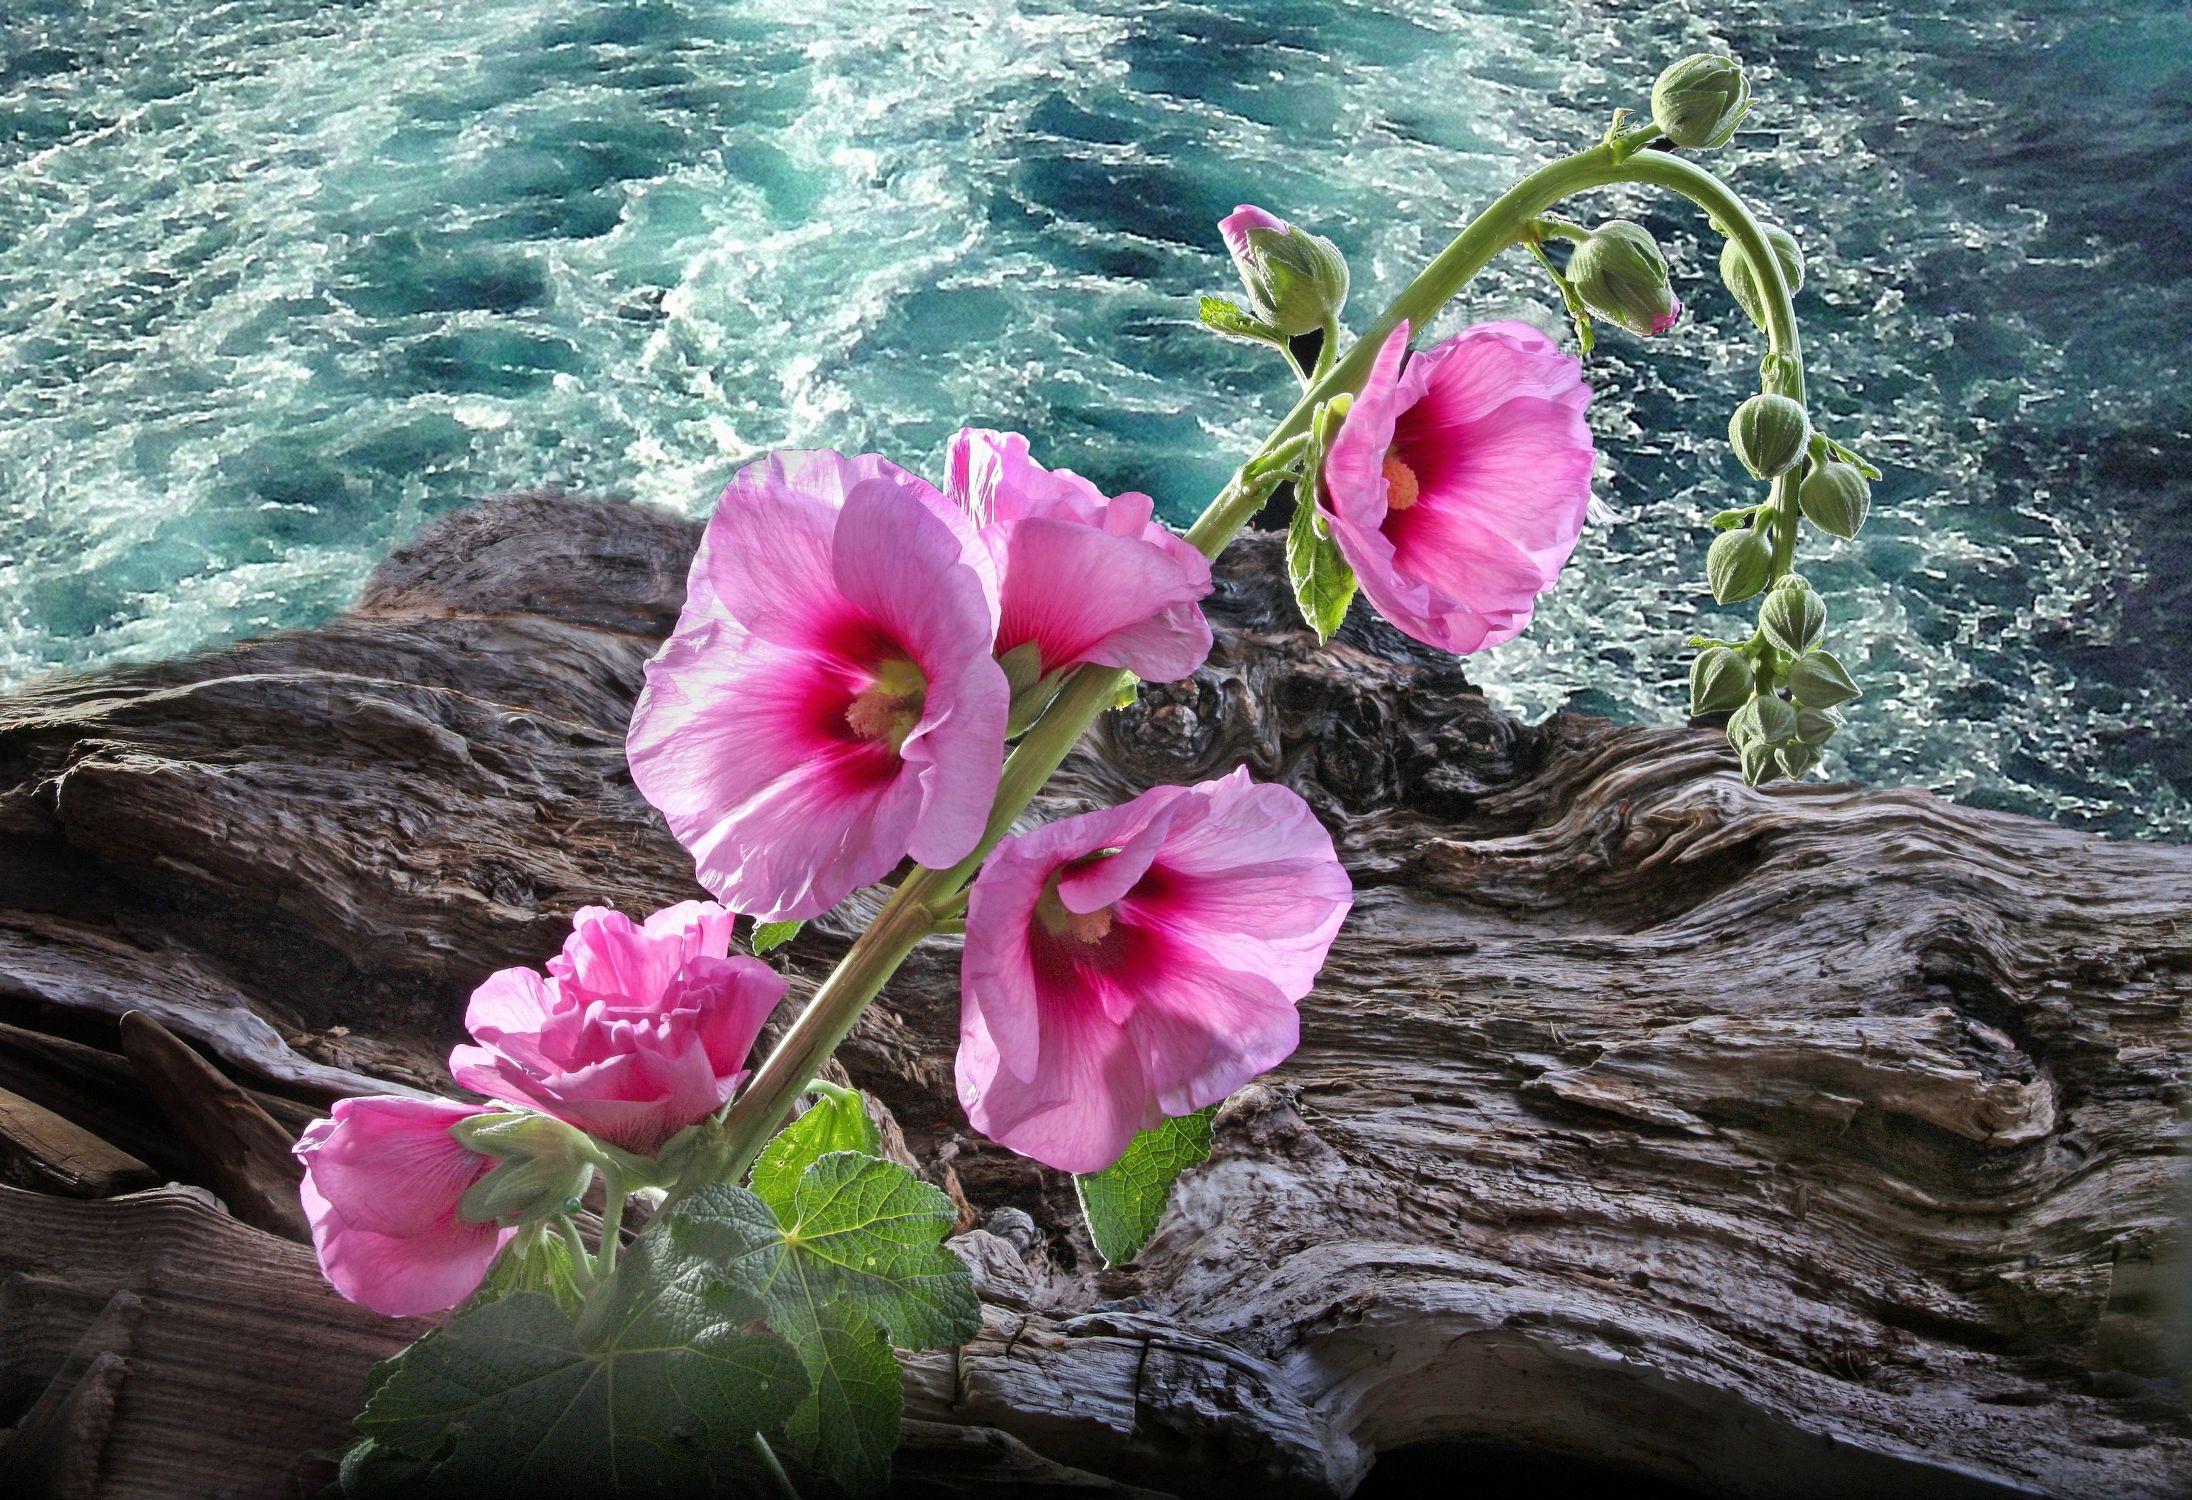 Bild mit Wasser, Pflanzen, Blumen, Rosen, Meer, Blume, Pflanze, Rose, See, Floral, Stilleben, Blüten, Florales, blüte, dekorativ, Dekoration, stockrose, stockrosen